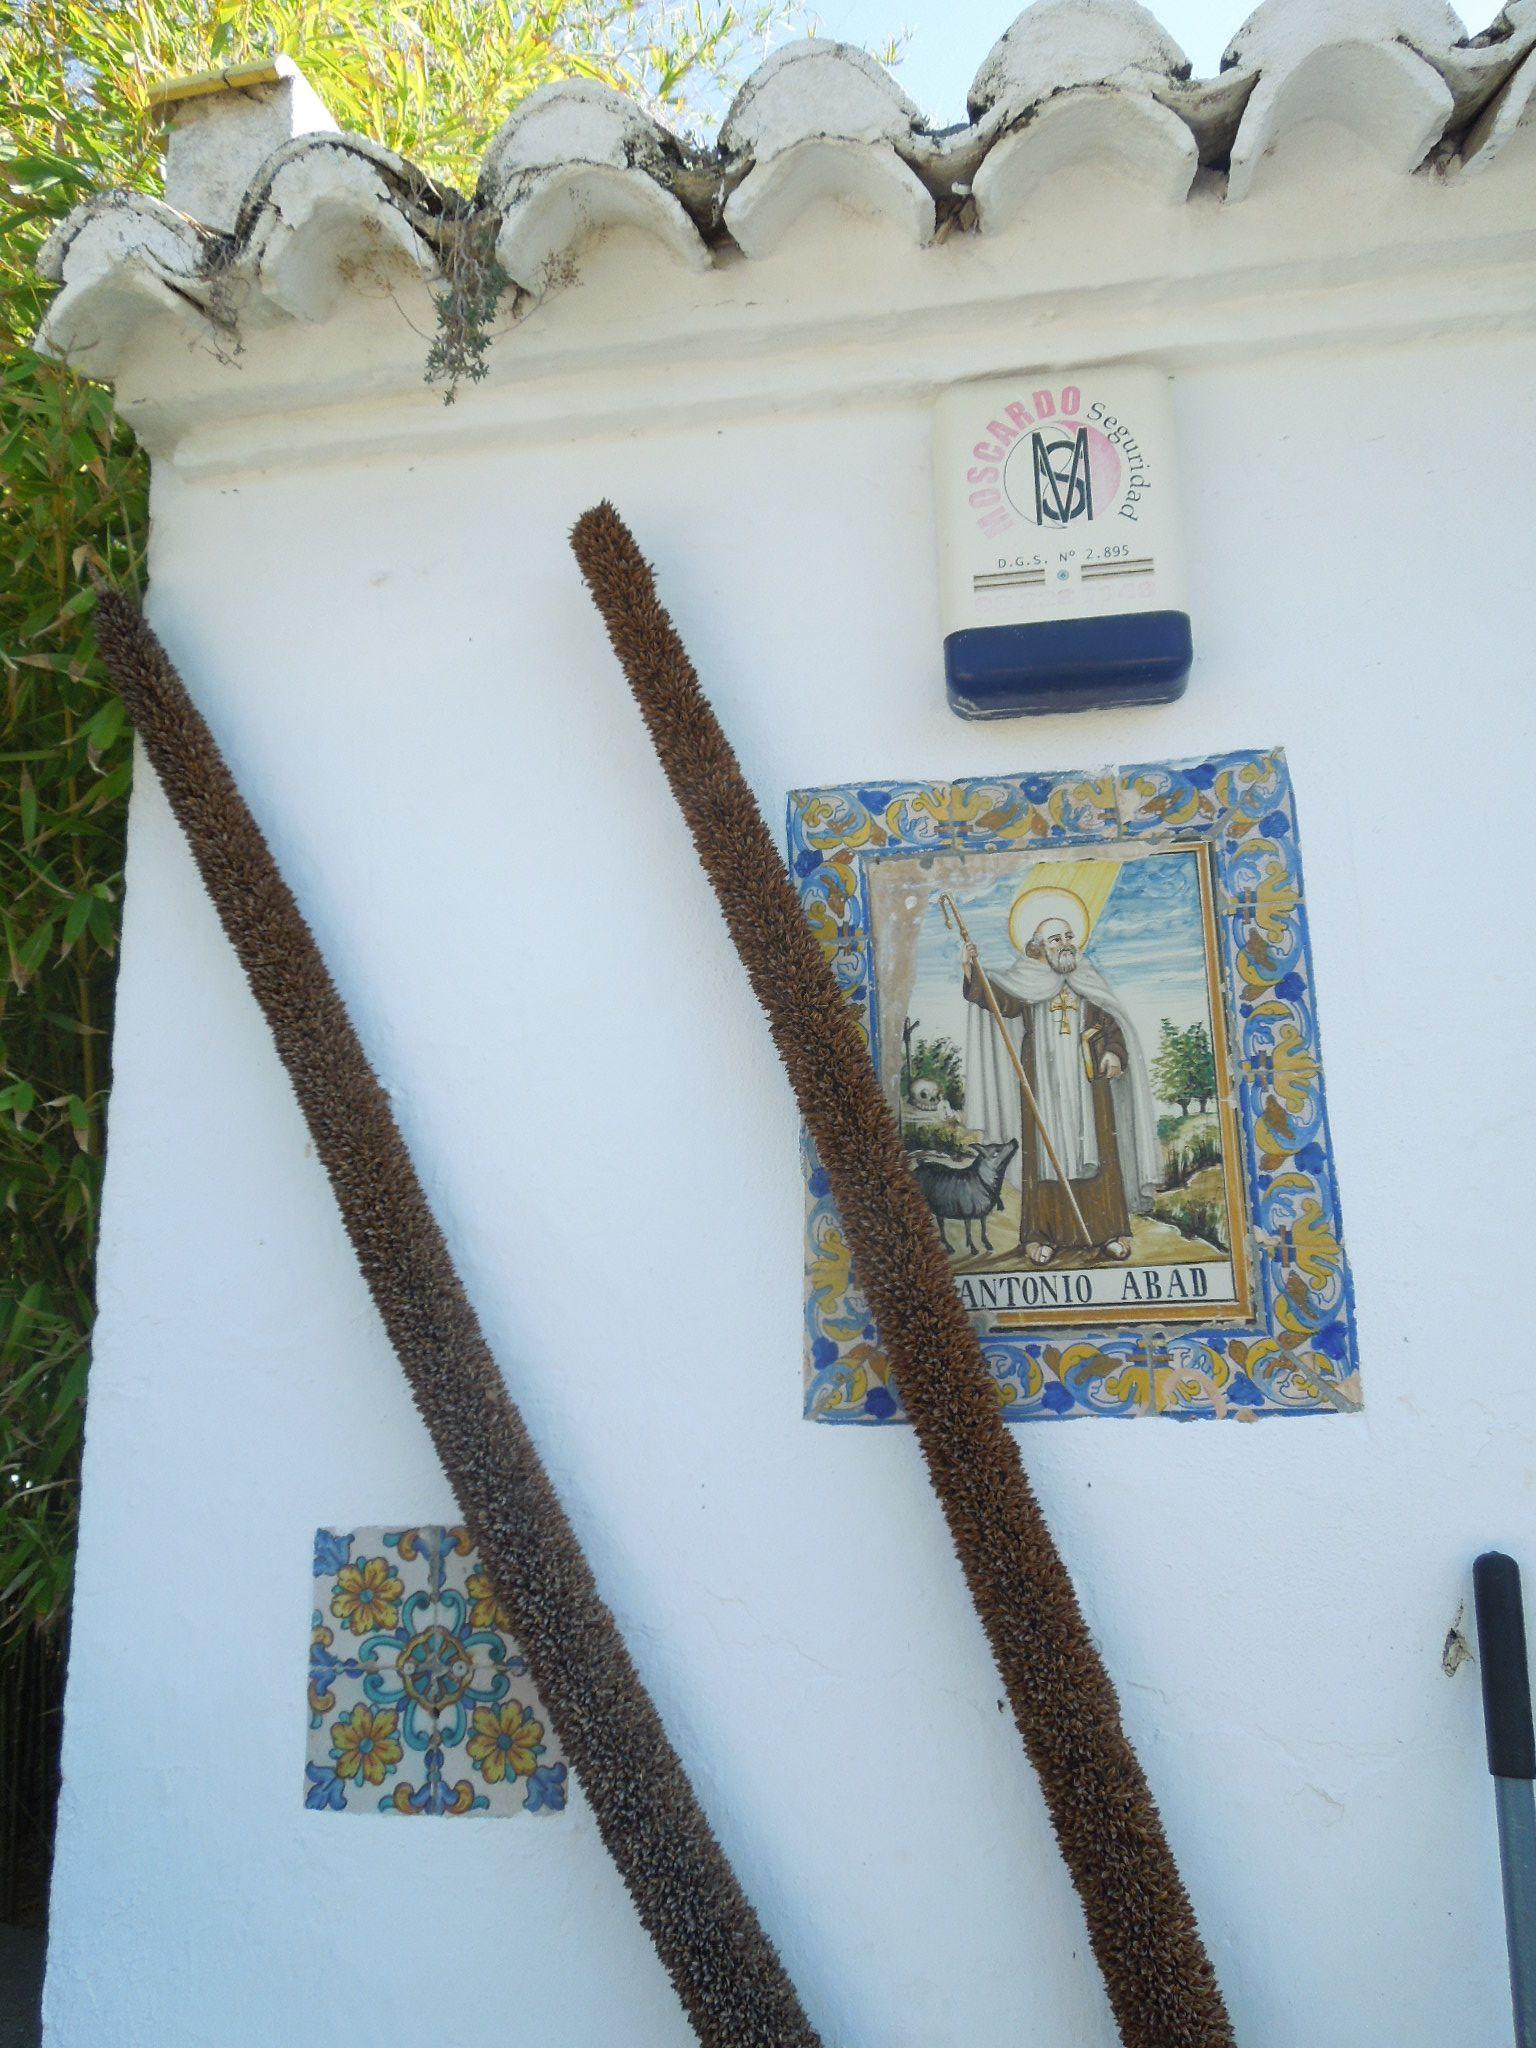 Xàtiva el Palasiet, paneles ceramicos y de Sant Antoní Abad. Por JMBM